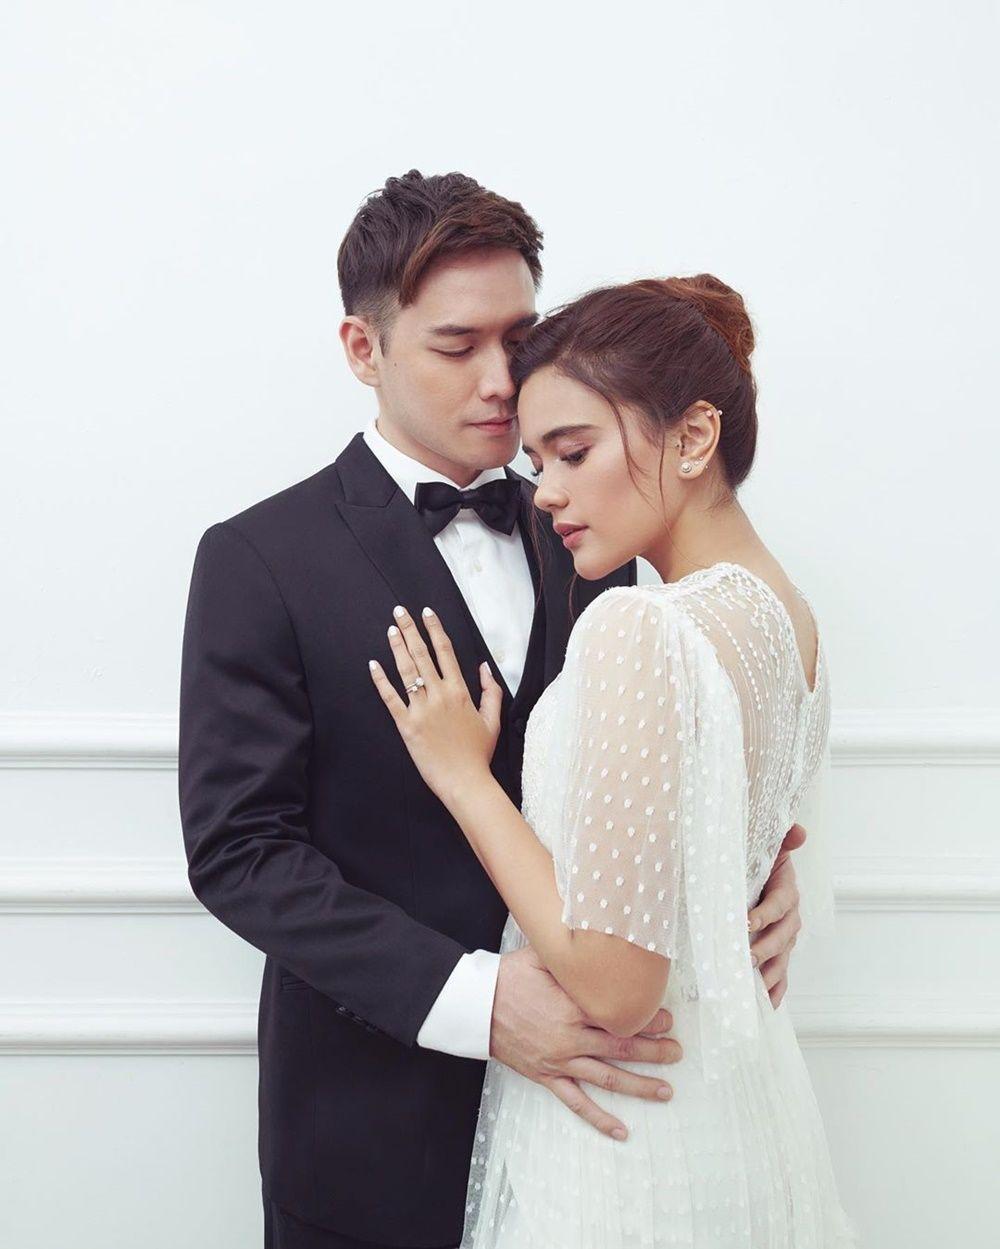 Disinggung Soal Agama, 9 Fakta Pernikahan Audi Marissa & Anthony Xie